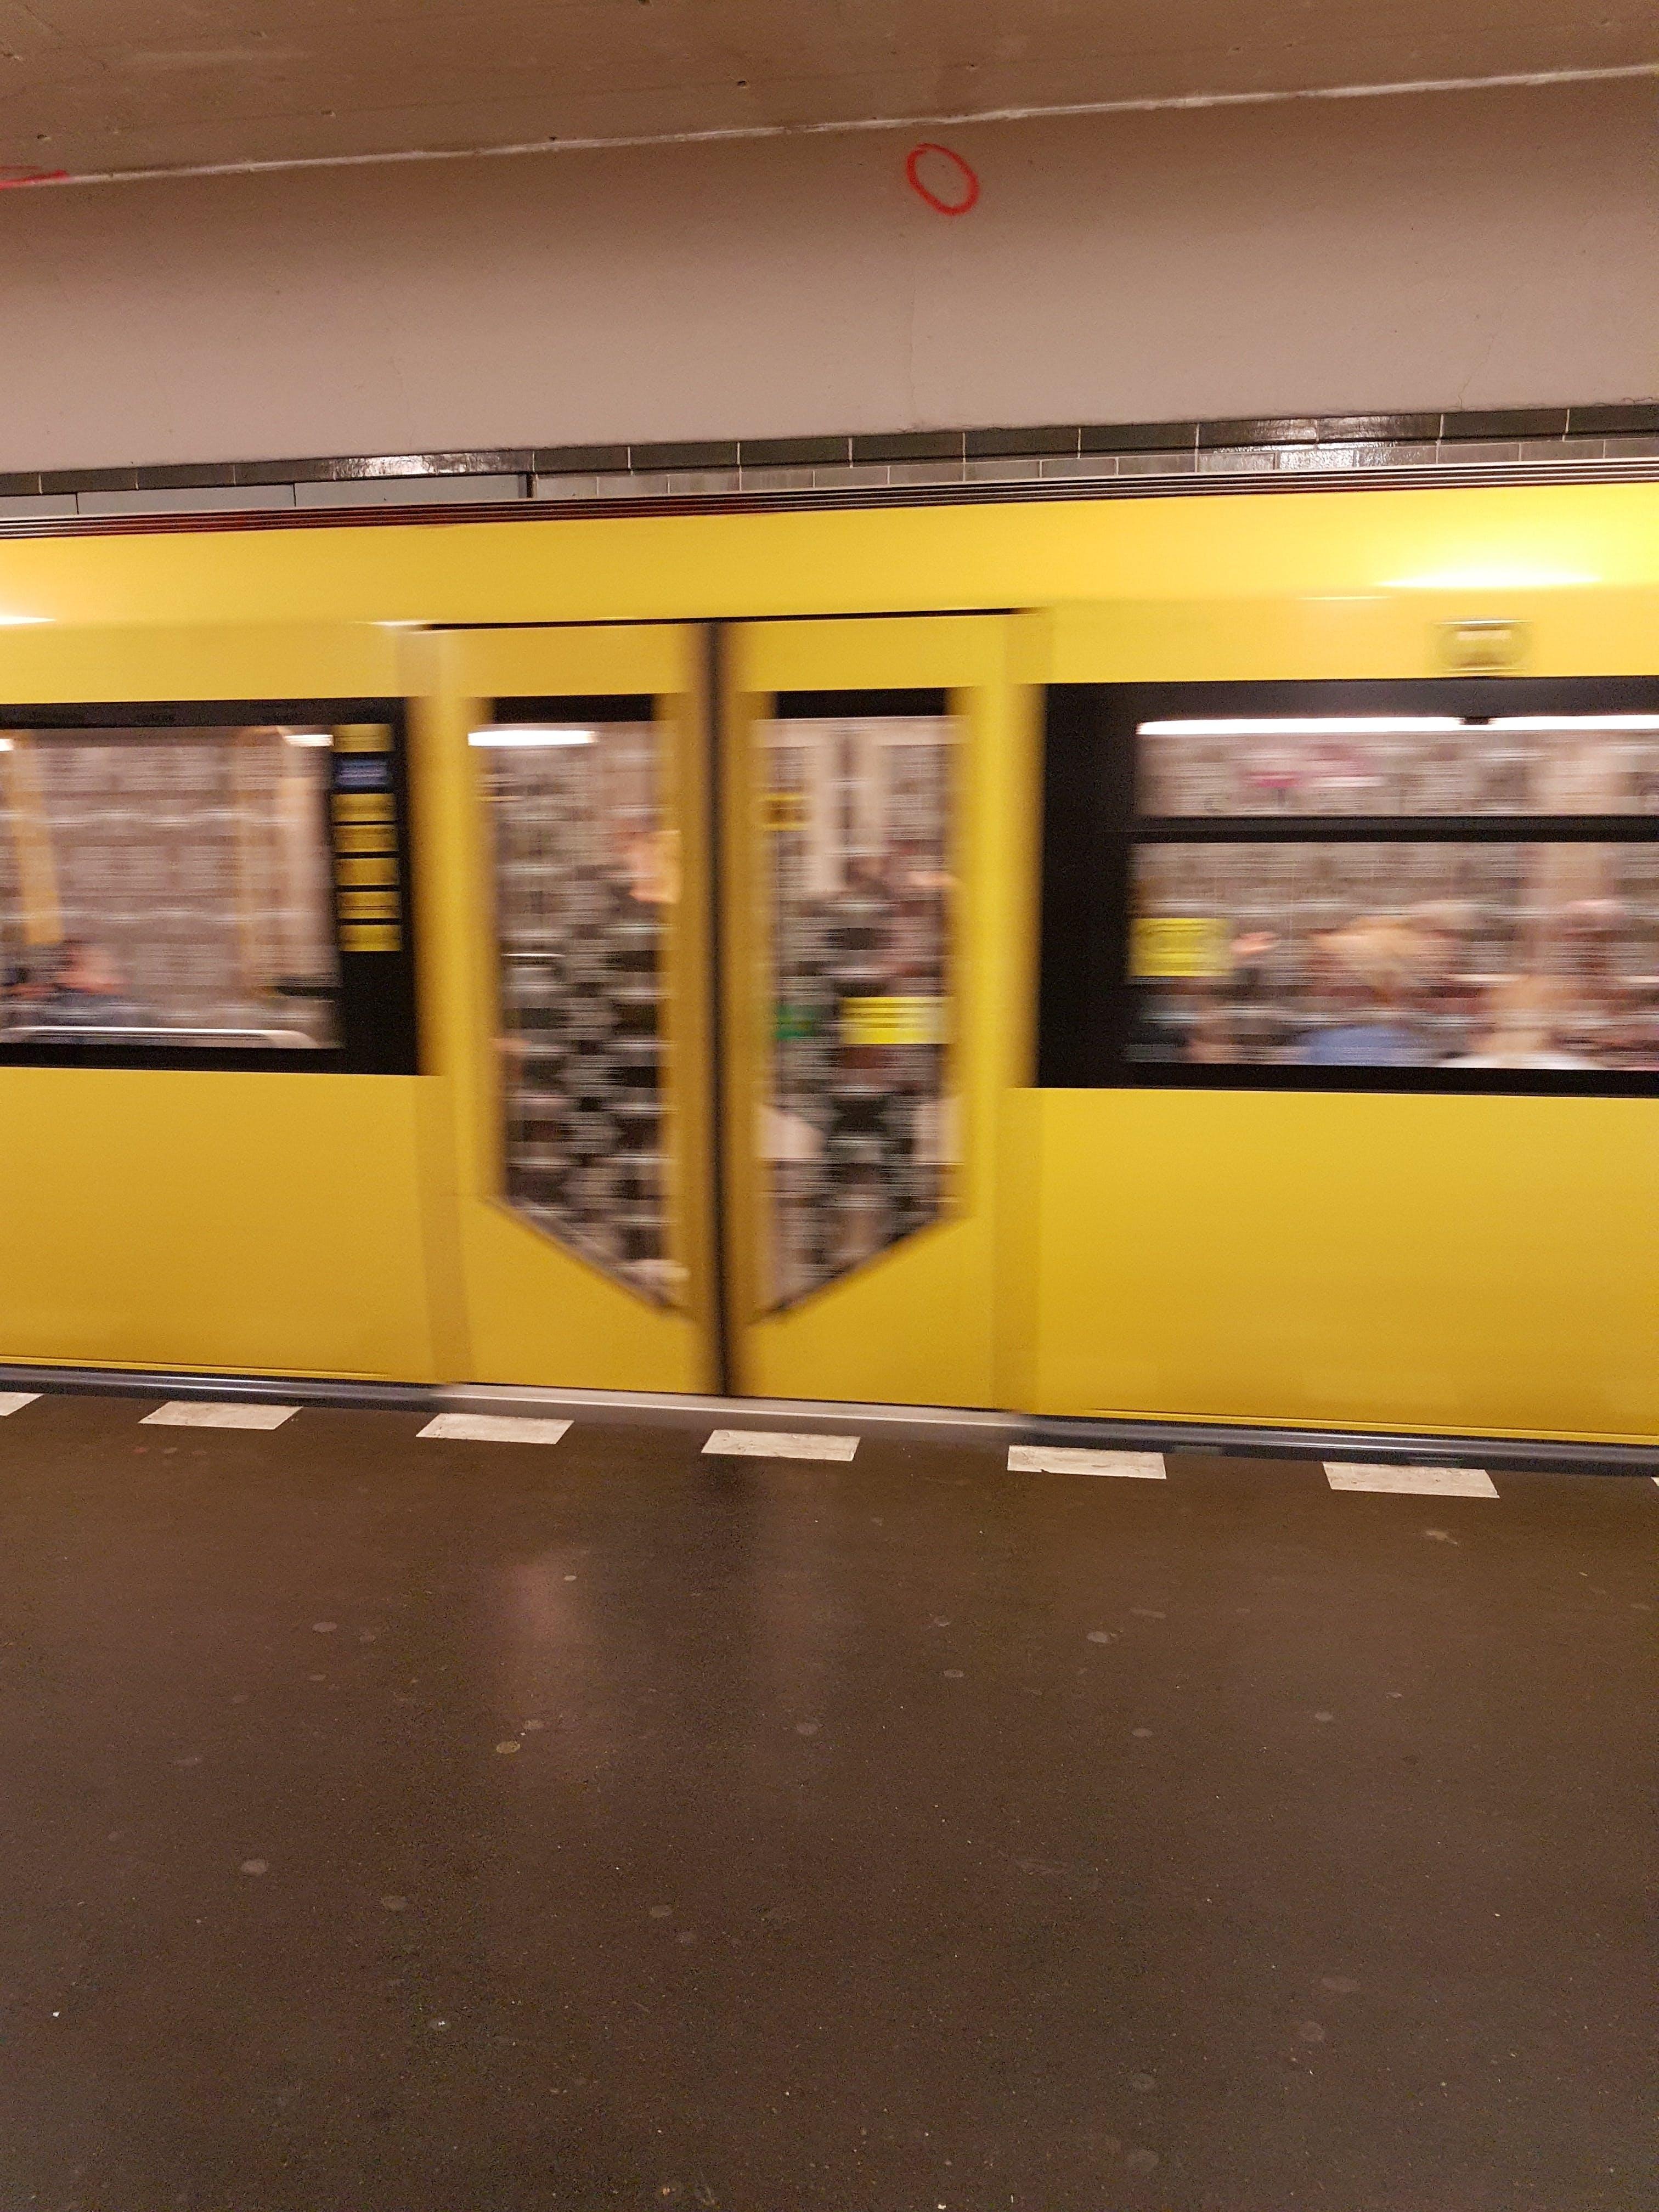 交通系統, 公共交通, 公共交通工具, 地鐵 的 免費圖庫相片